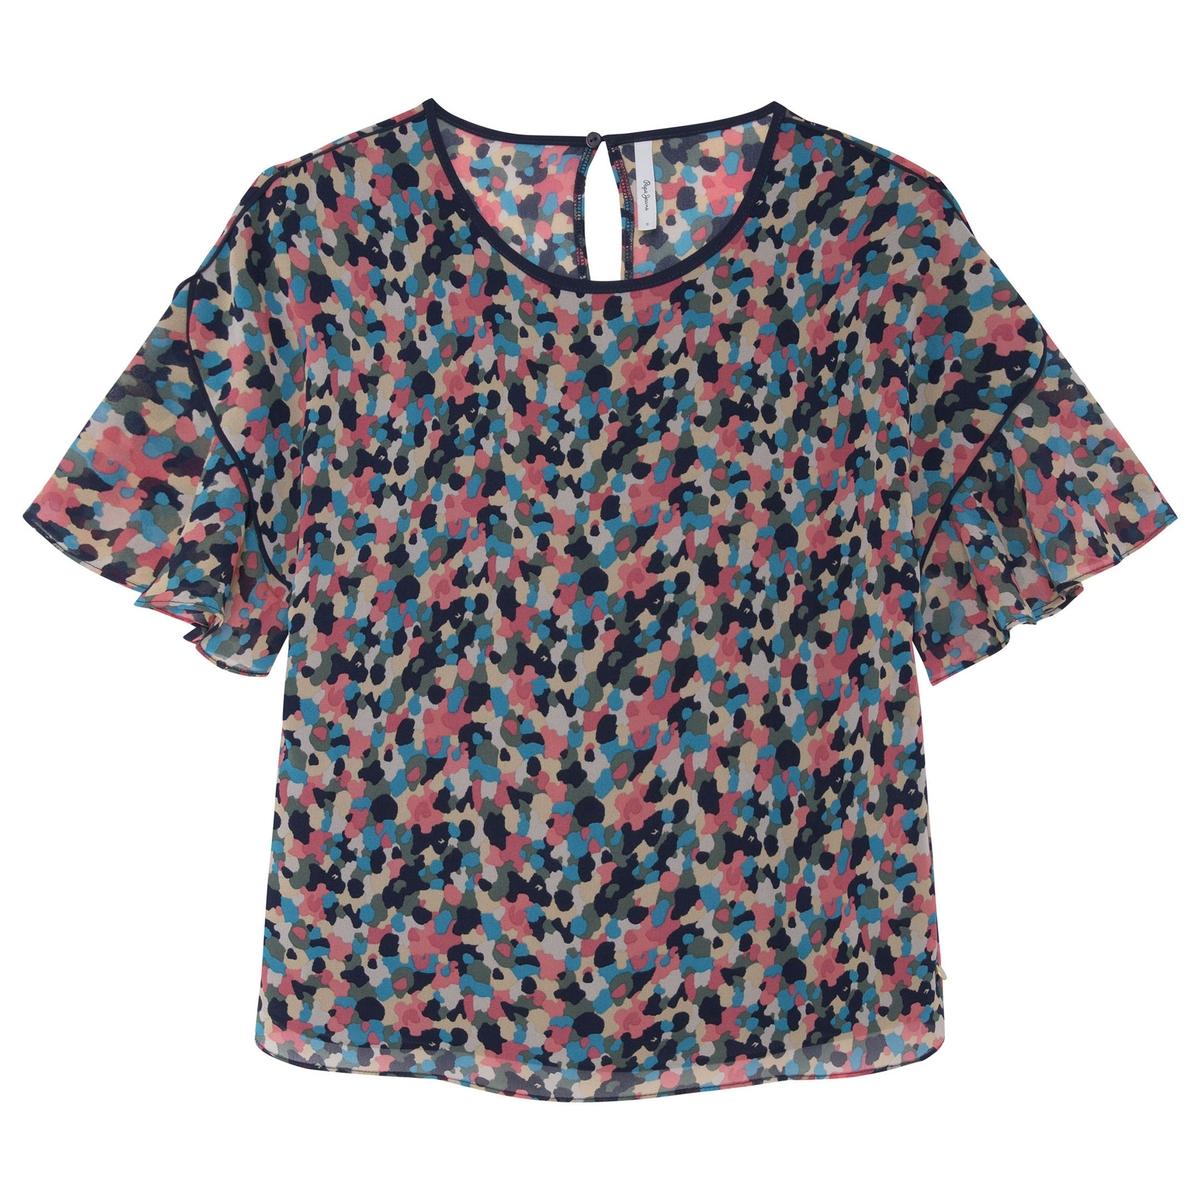 Blusa estampada con cuello redondo Marlene